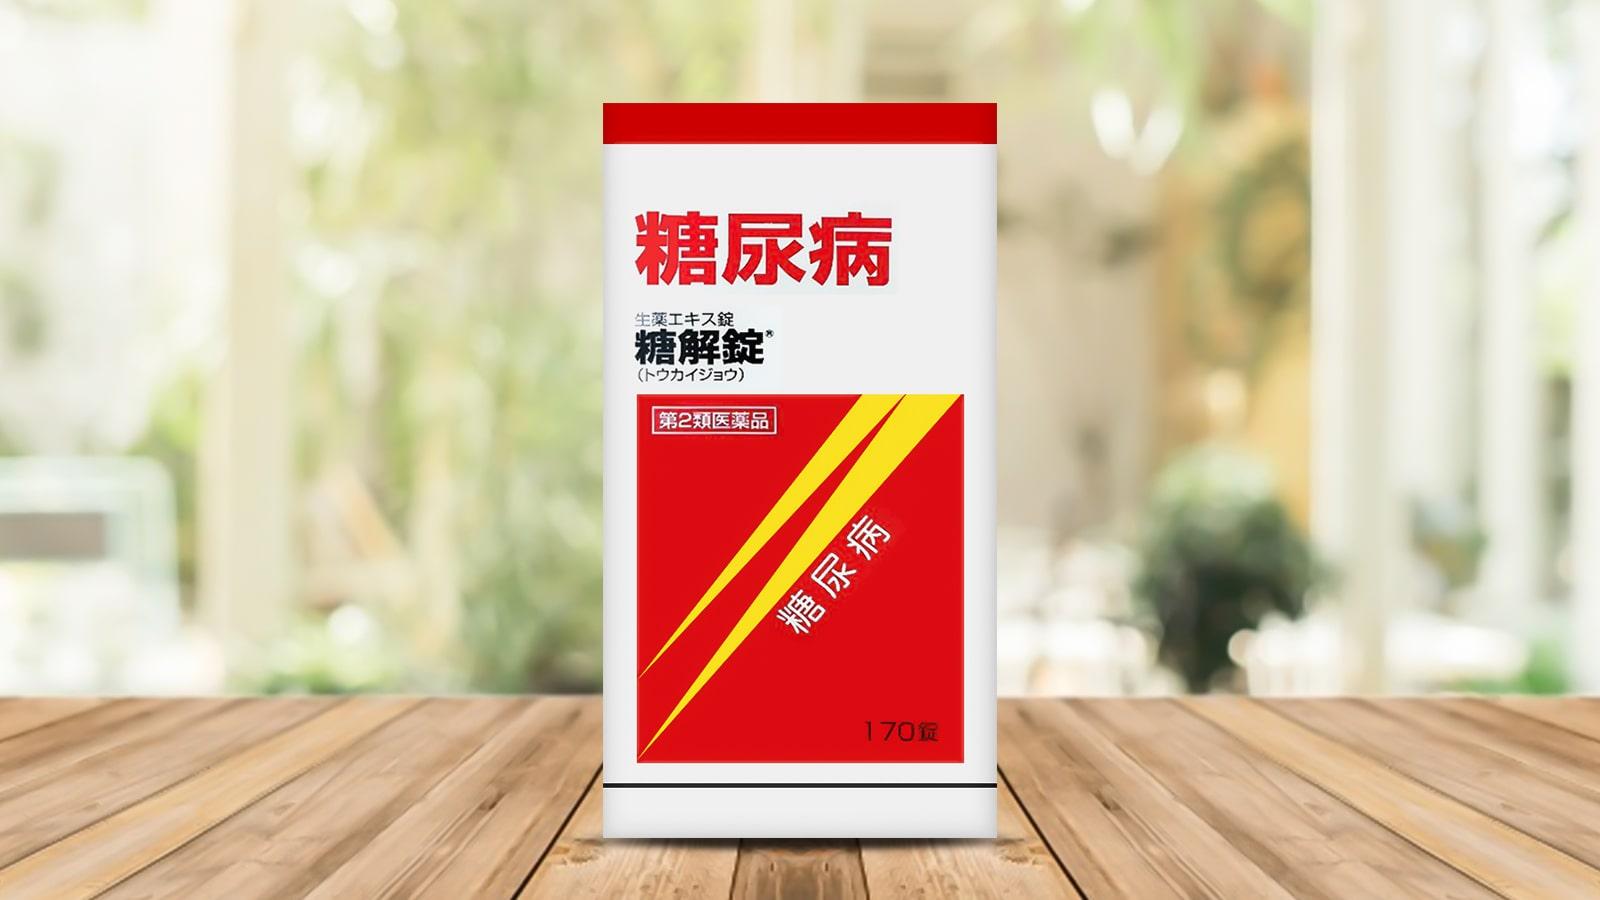 Viên uống hỗ trợ điều trị bệnh tiểu đường Mayado Tokaijyo 170 viên